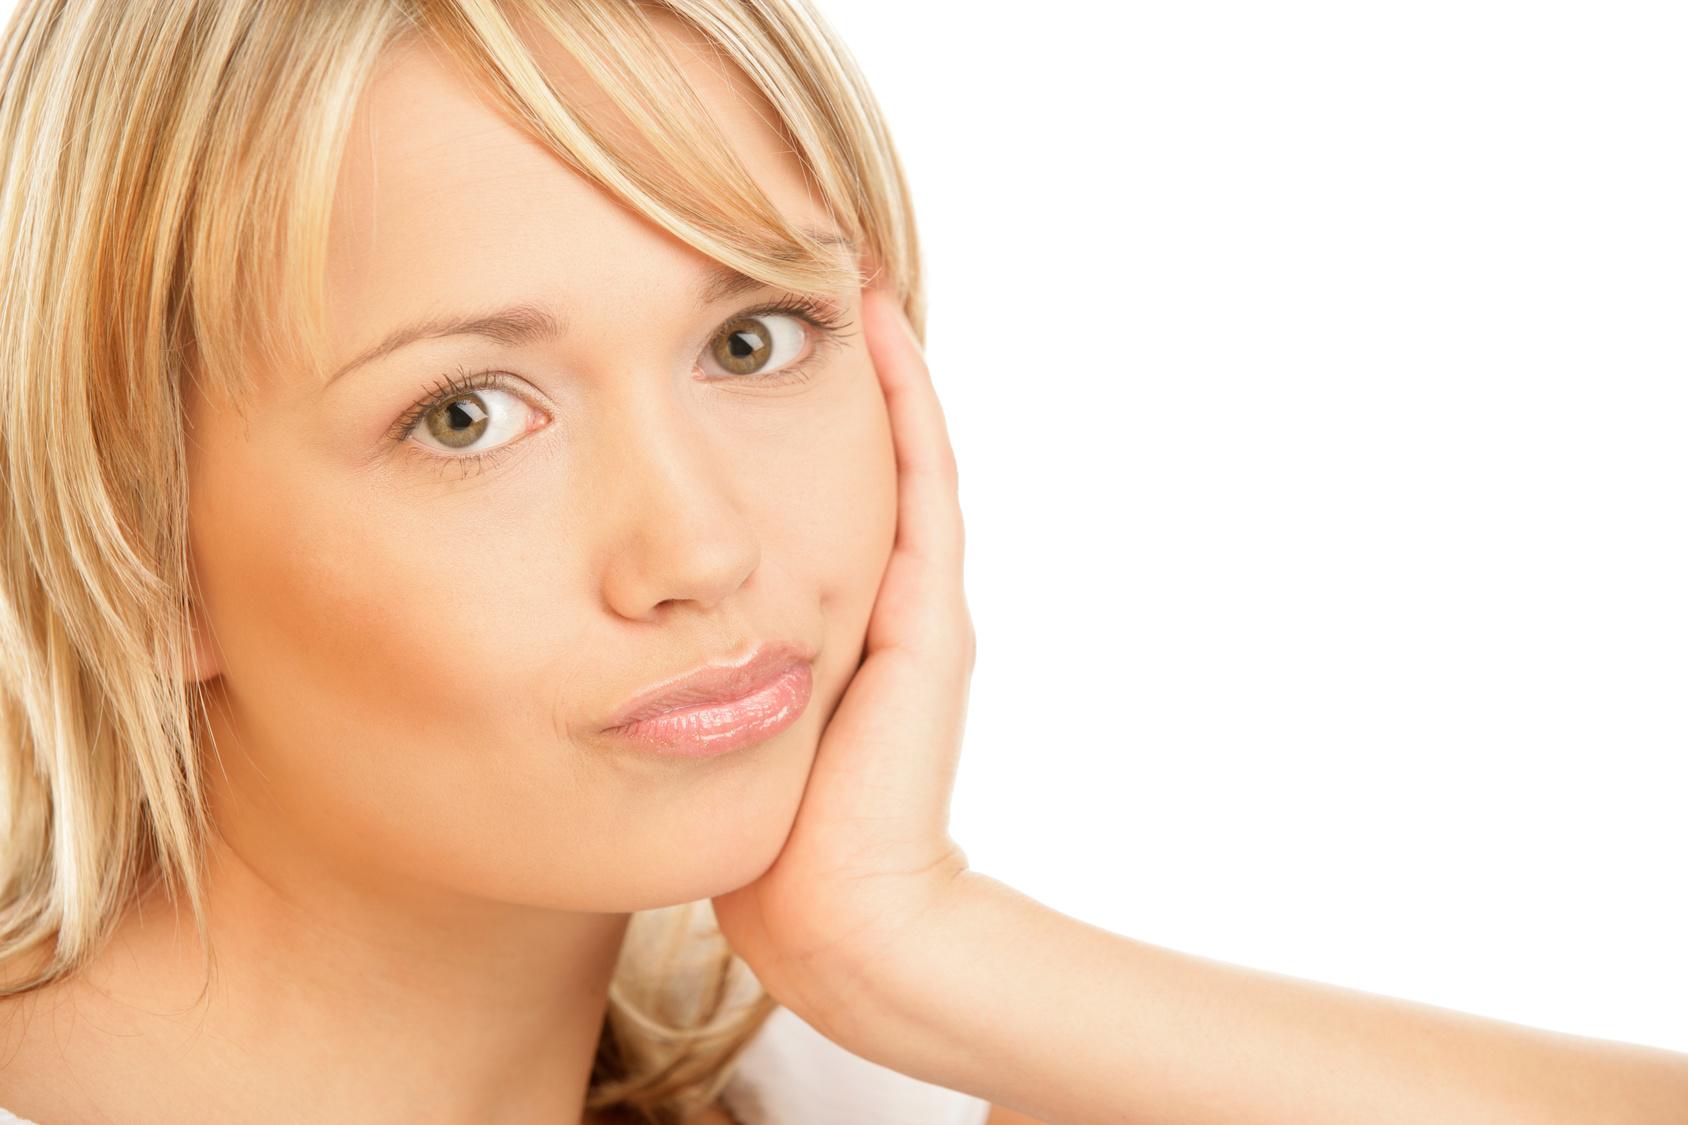 歯の白さと健康を守るのが難しい職業がある!?